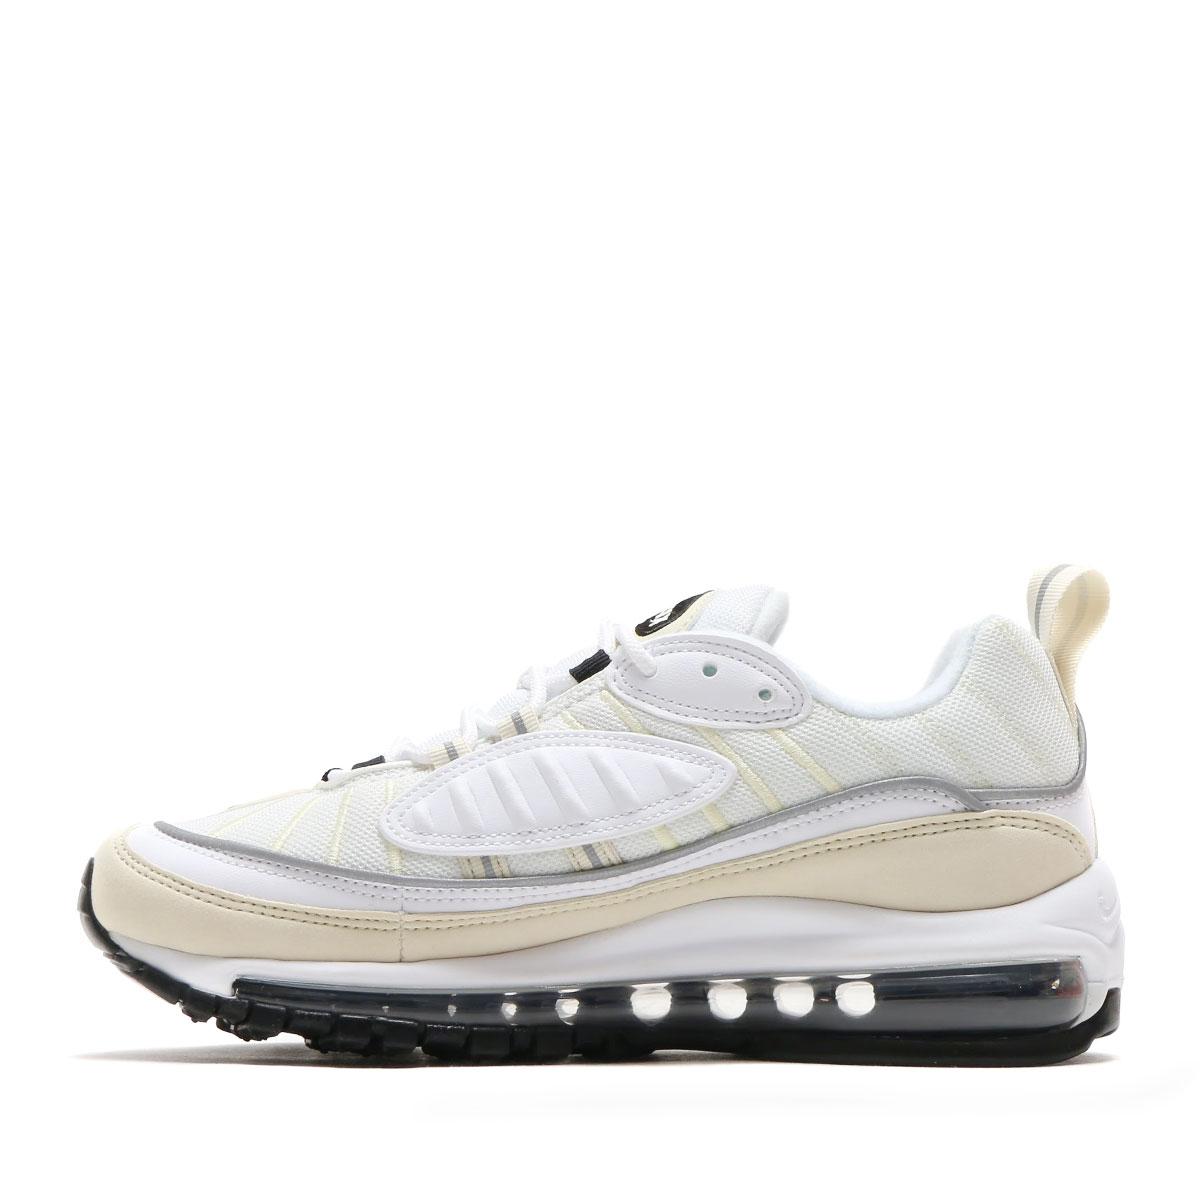 761a3373a9 atmos pink: NIKE W AIR MAX 98 (Nike women Air Max 98) (WHITE/BLACK ...